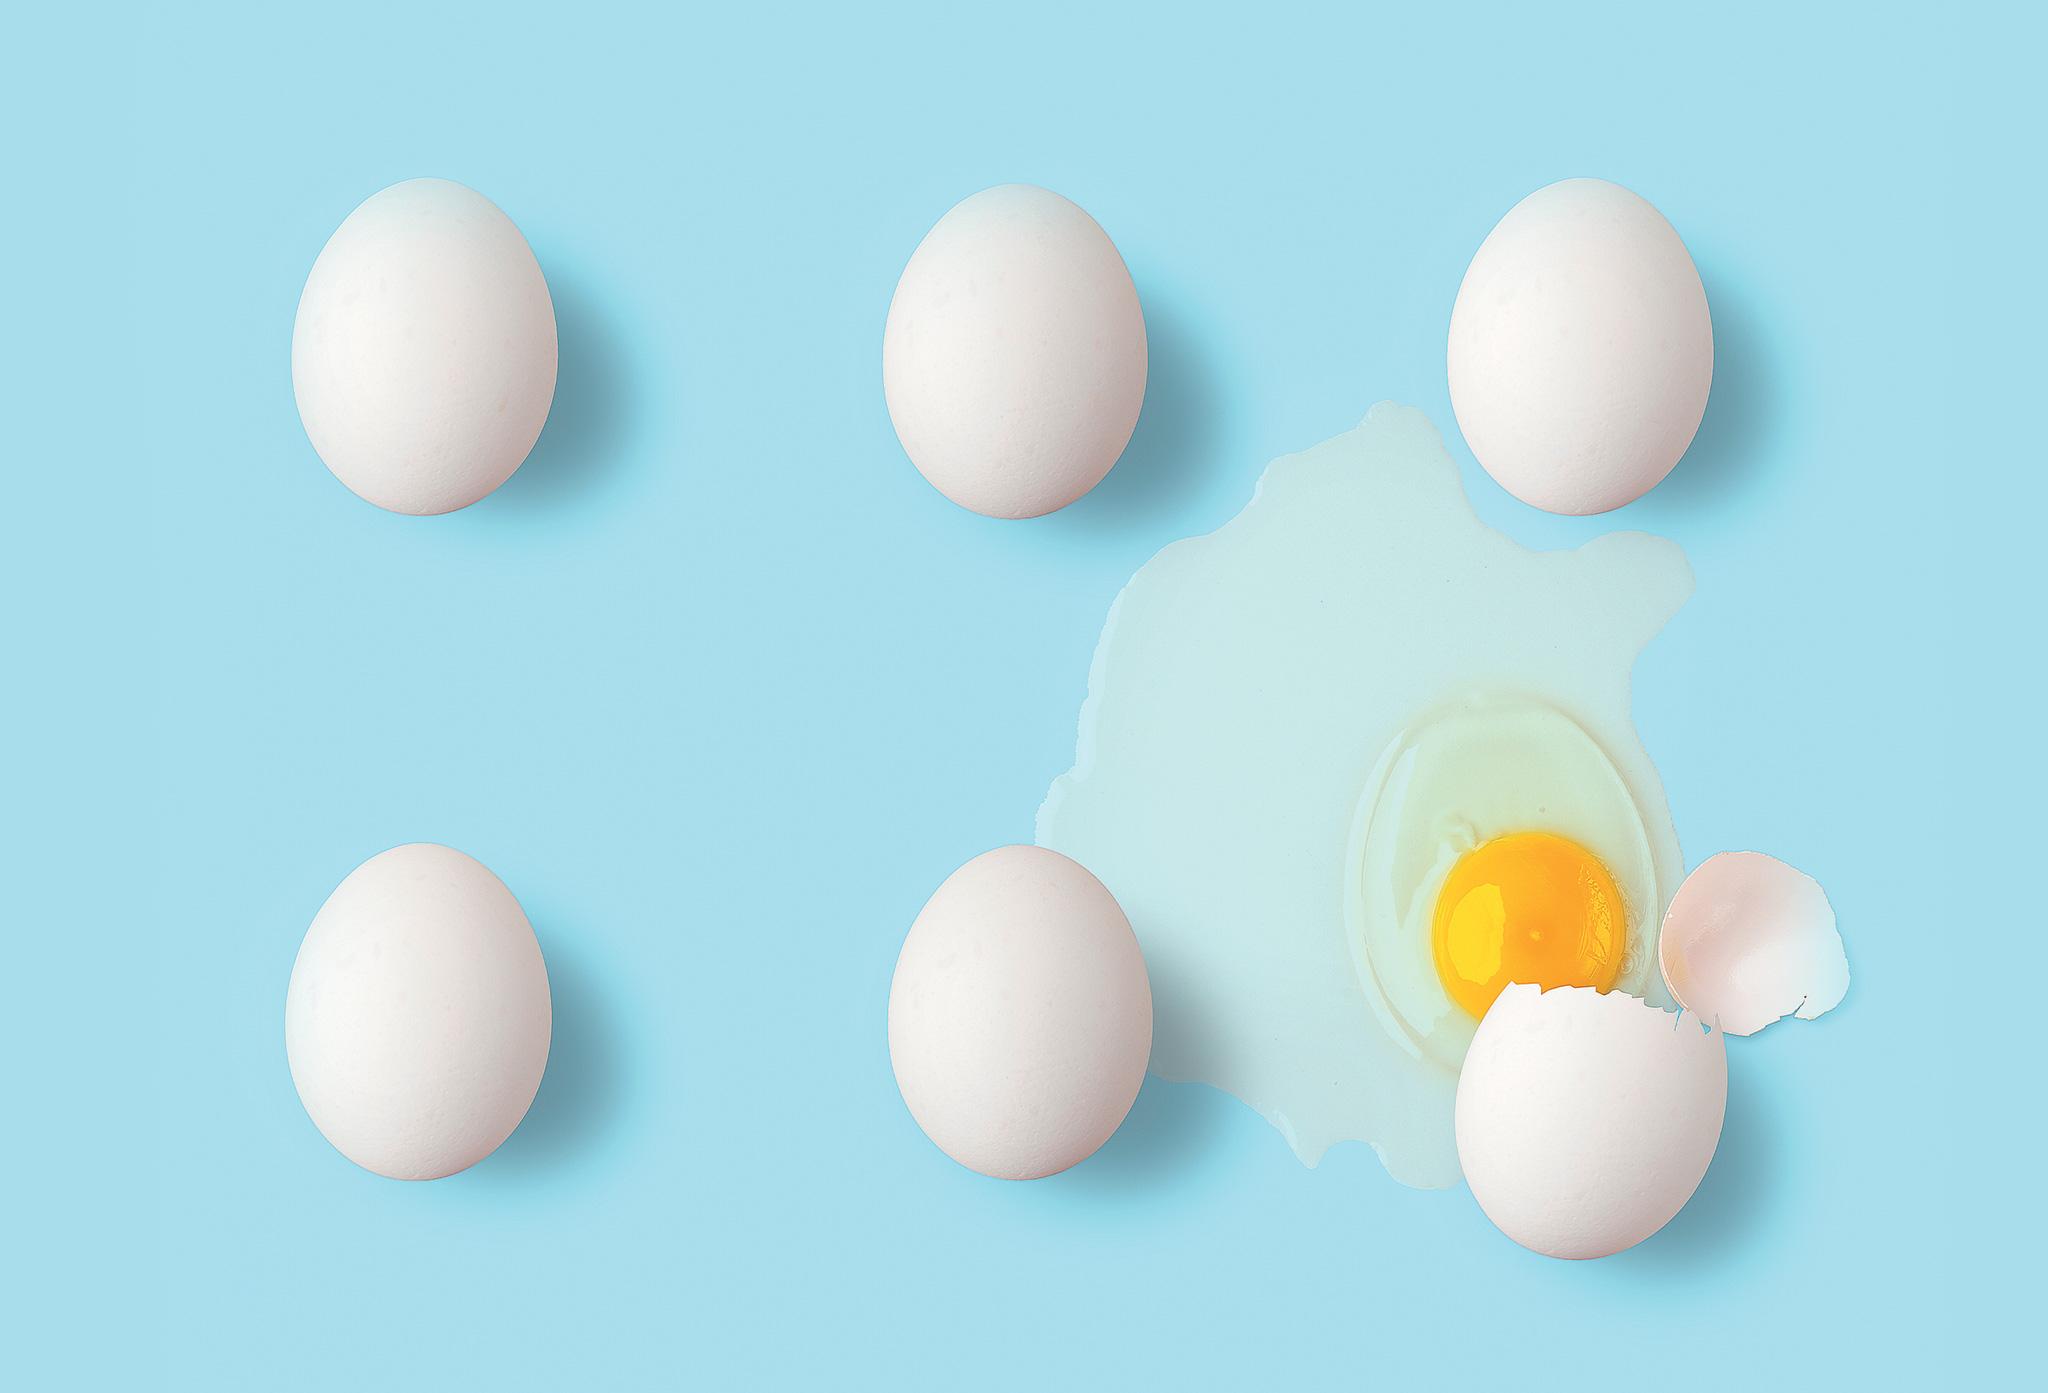 Яйцом едины